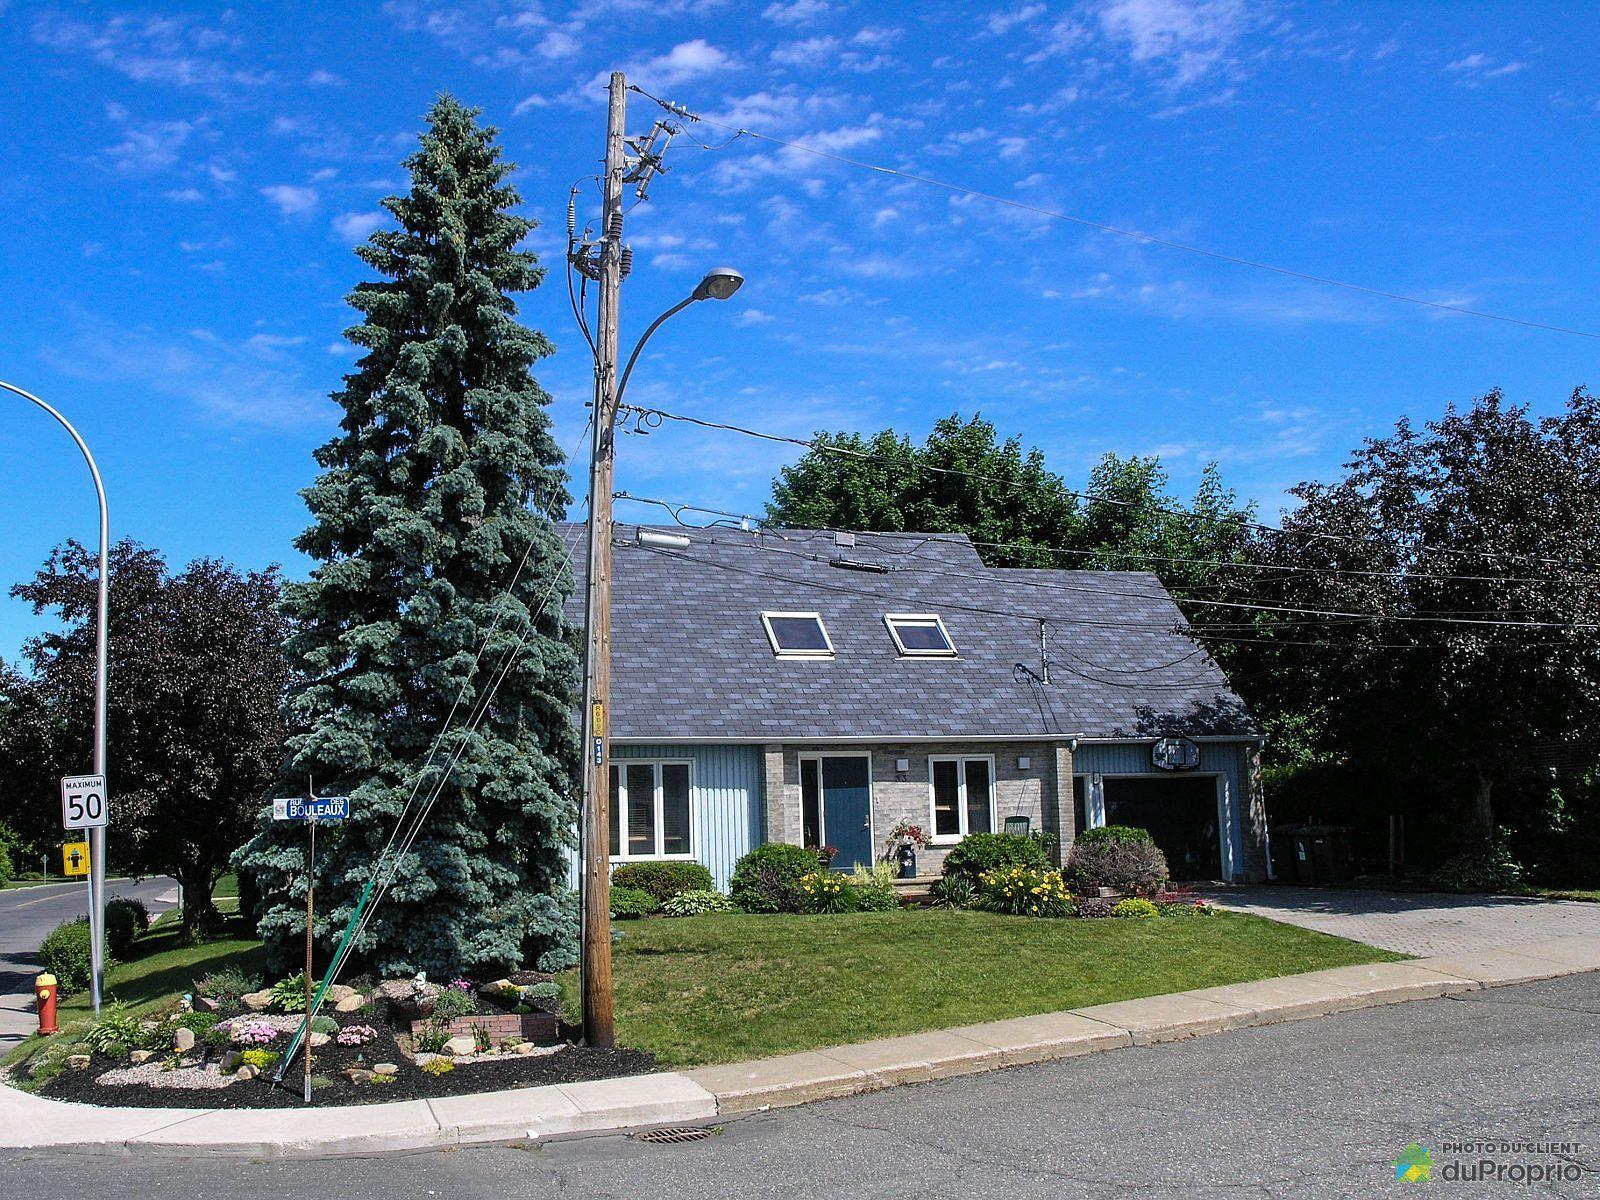 33 rue des bouleaux drummondville drummondville for Acheter une maison au canada montreal